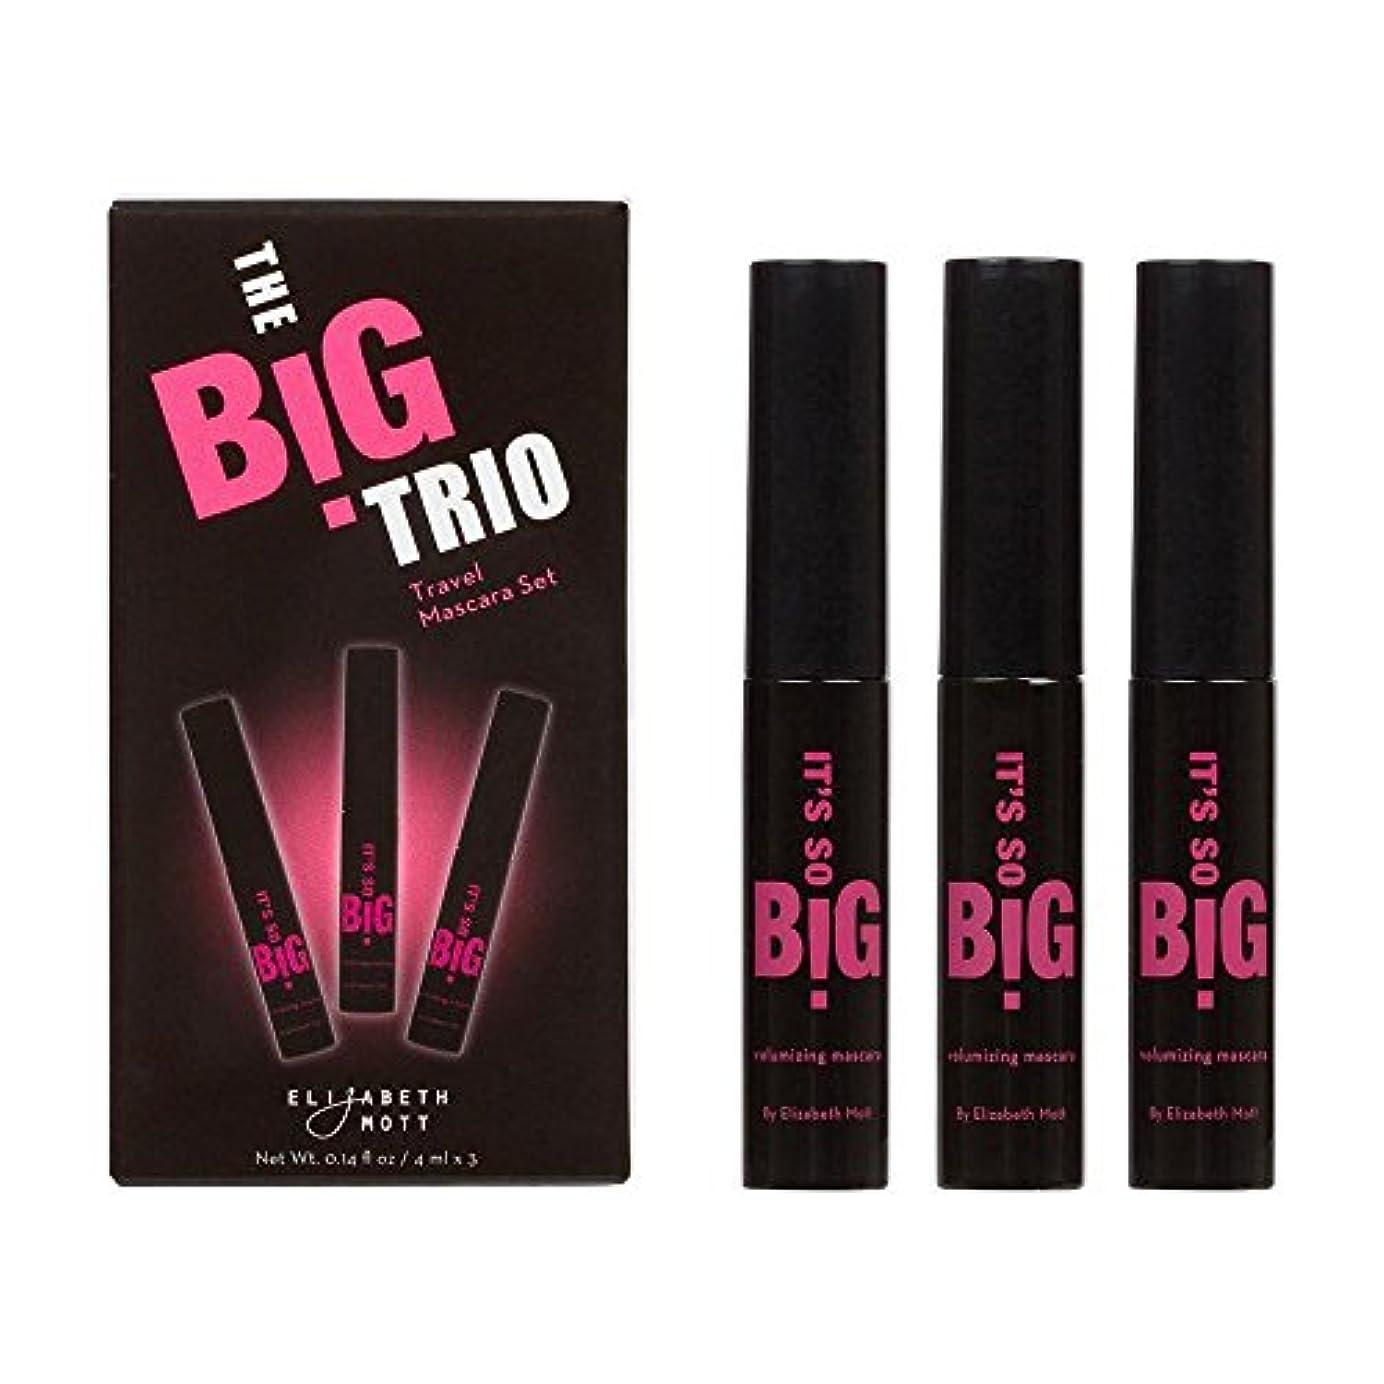 初期要求降伏エリザベス?モット?マスカラ(3パック )It's So BIG Volumizing Mascara (Black) by Elizabeth Mott Travel Set 3-pack Trio (4ml x 3)